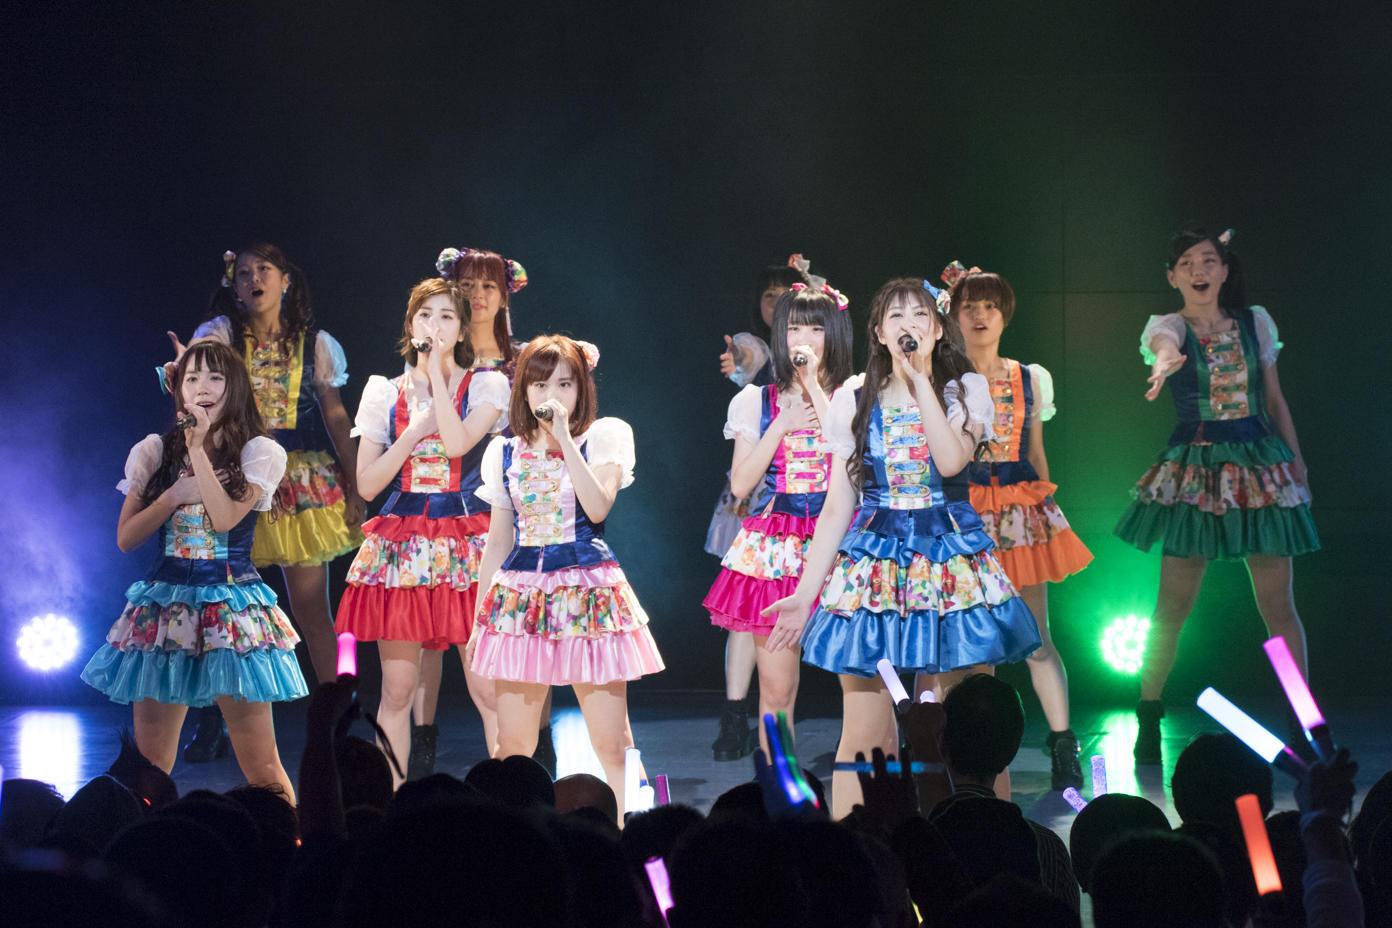 http://news.yoshimoto.co.jp/20161228155428-88c85b075c8376f68b16e7744279dbc986746165.jpg